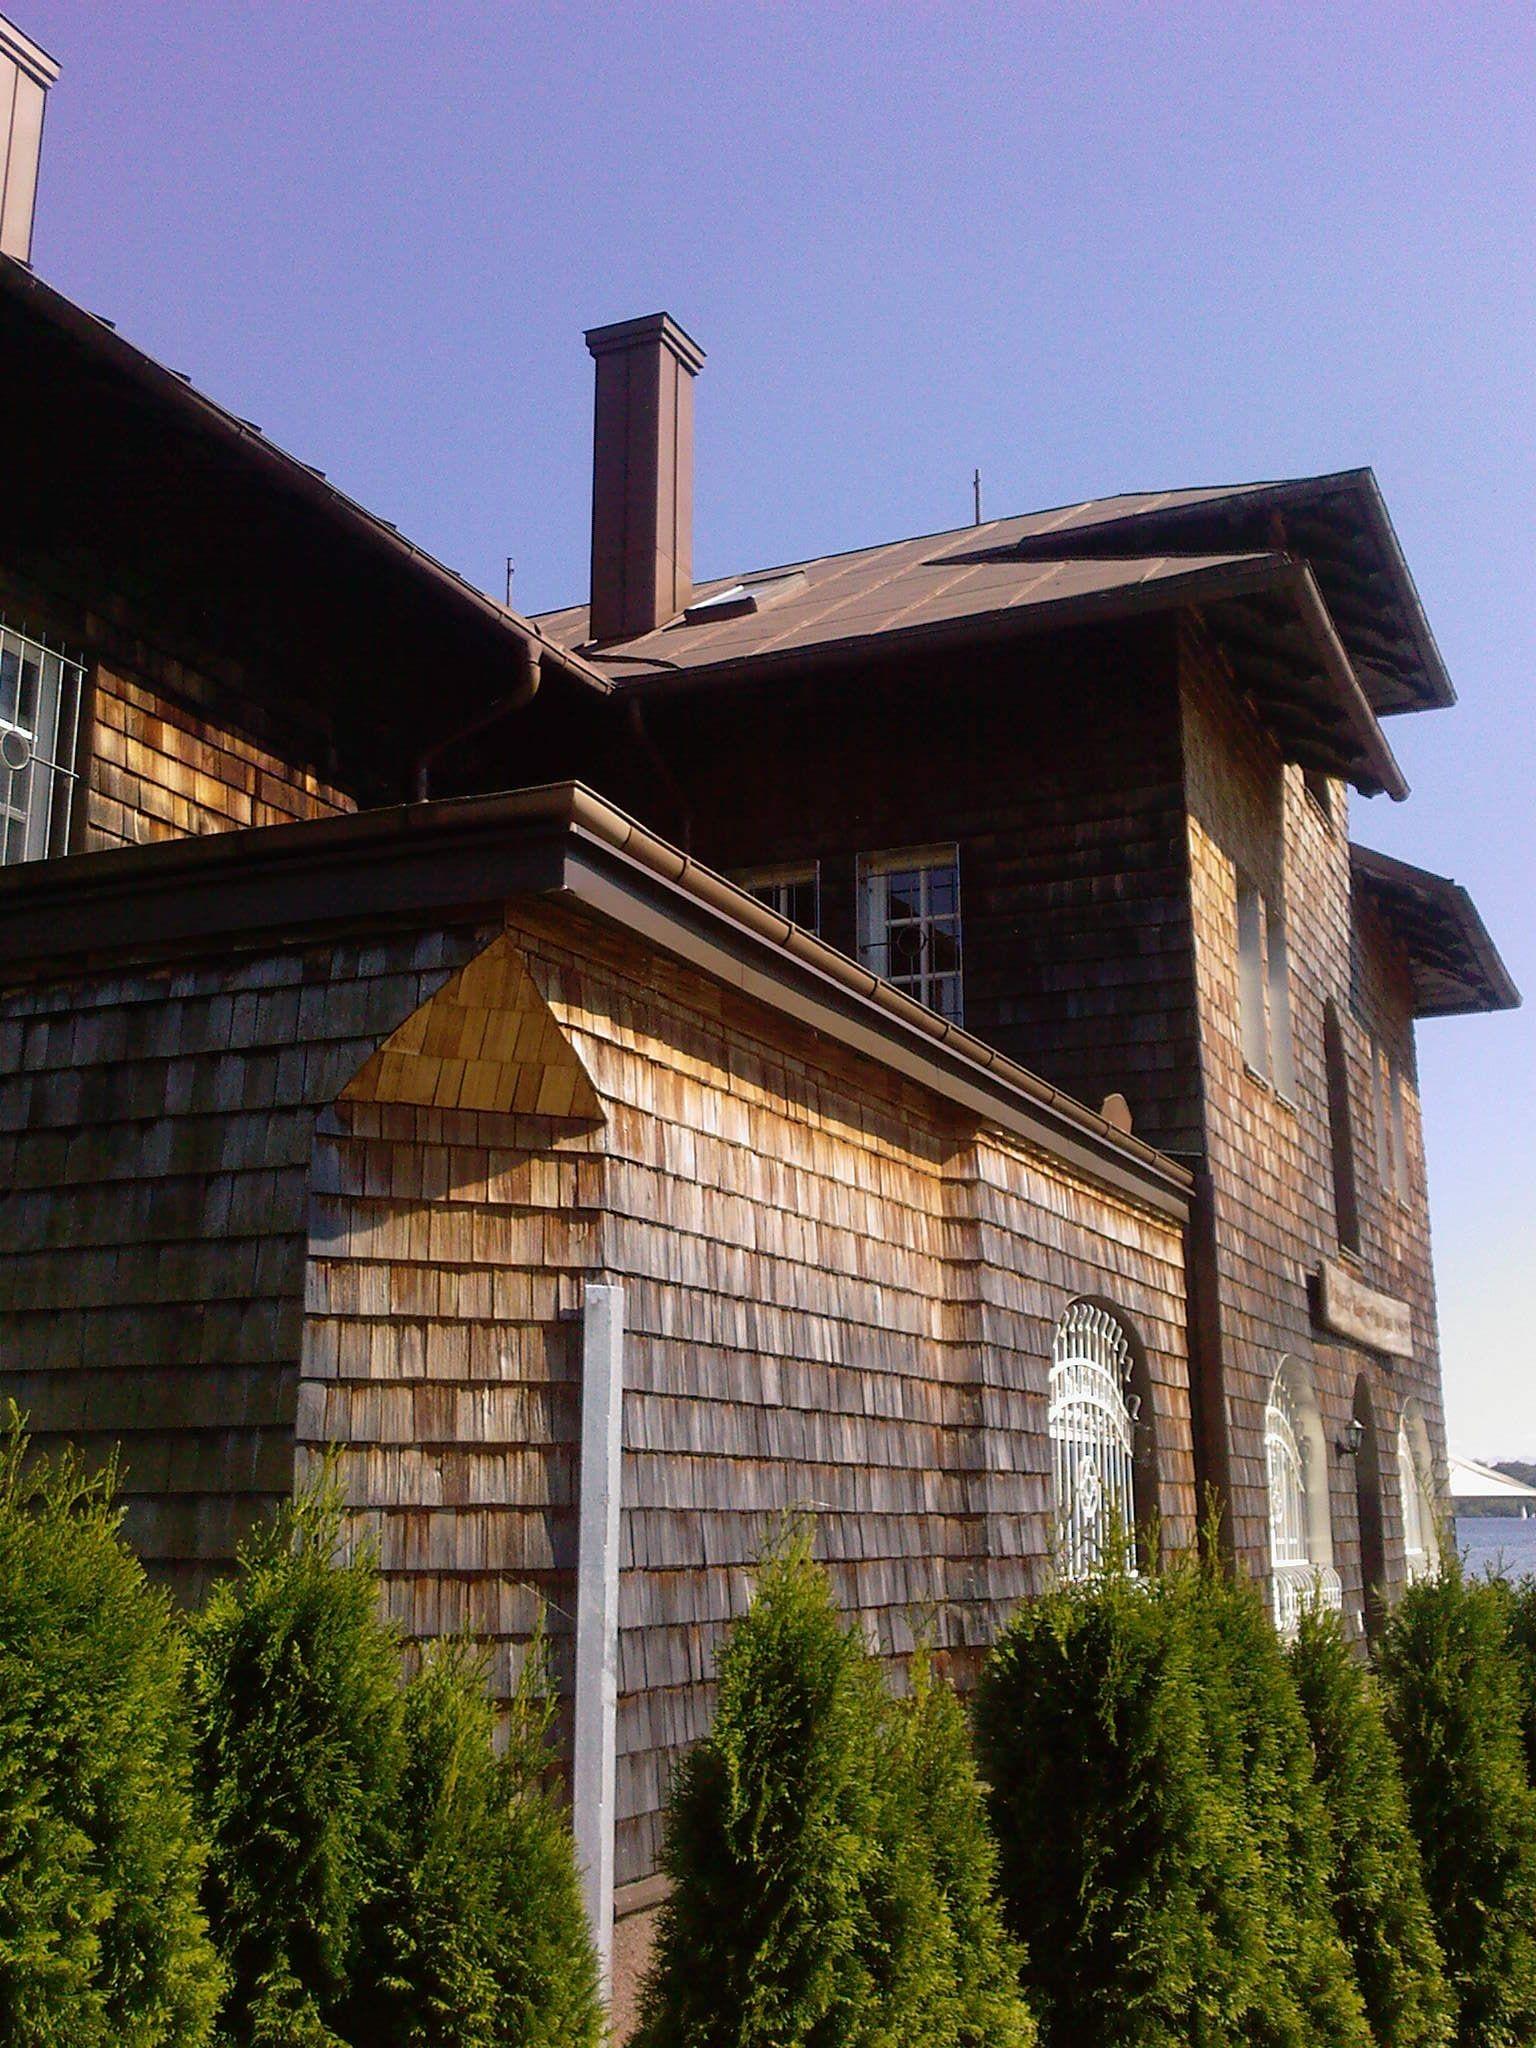 Holzverkleidung Haus kostenlose foto die architektur holz haus dach gebäude